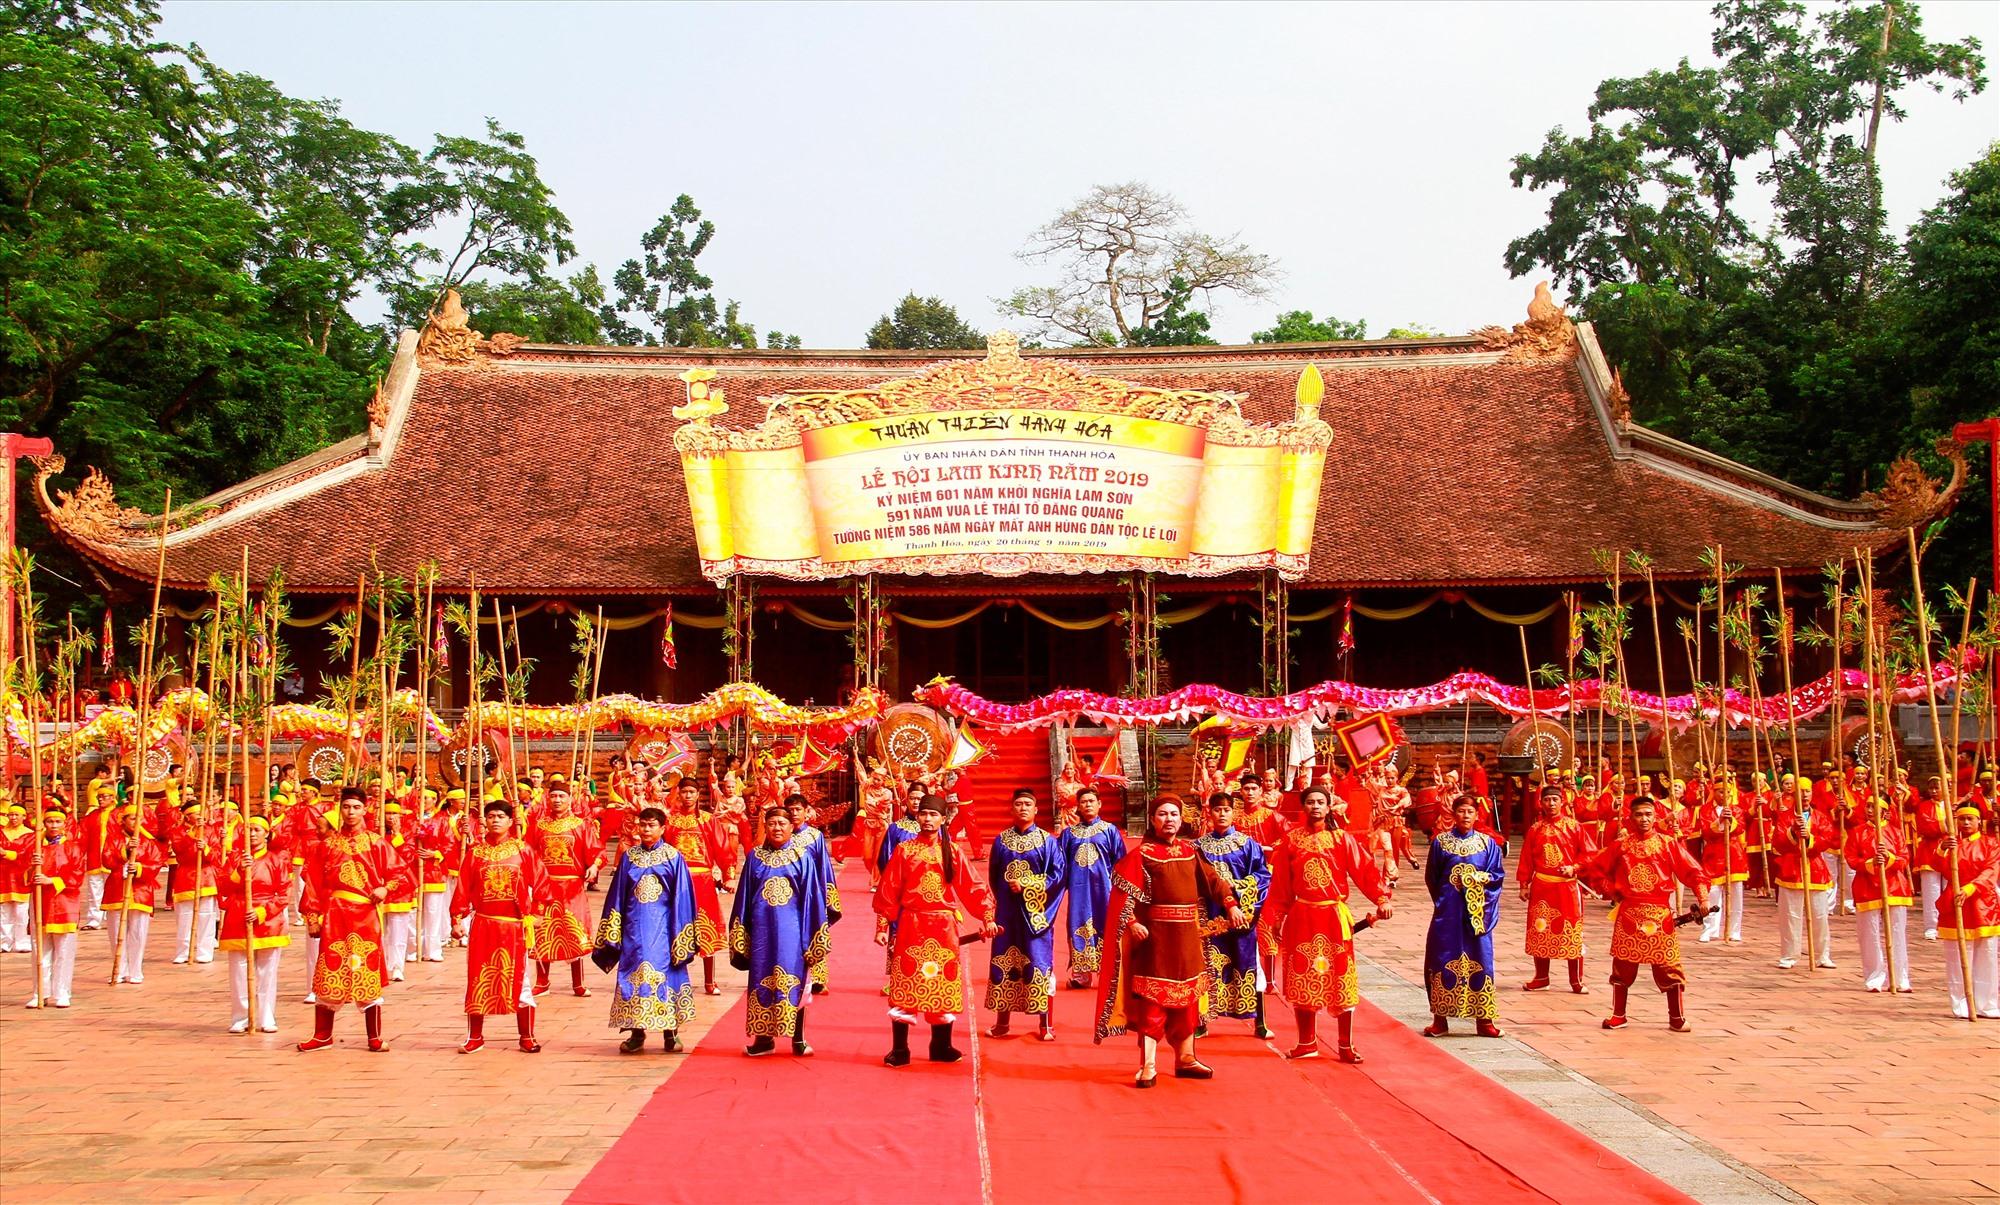 Hằng năm tại di tích Lam Kinh thường tổ chức nhiều lễ hội quy mô nhằm nhắc nhớ truyền thống dân tộc.